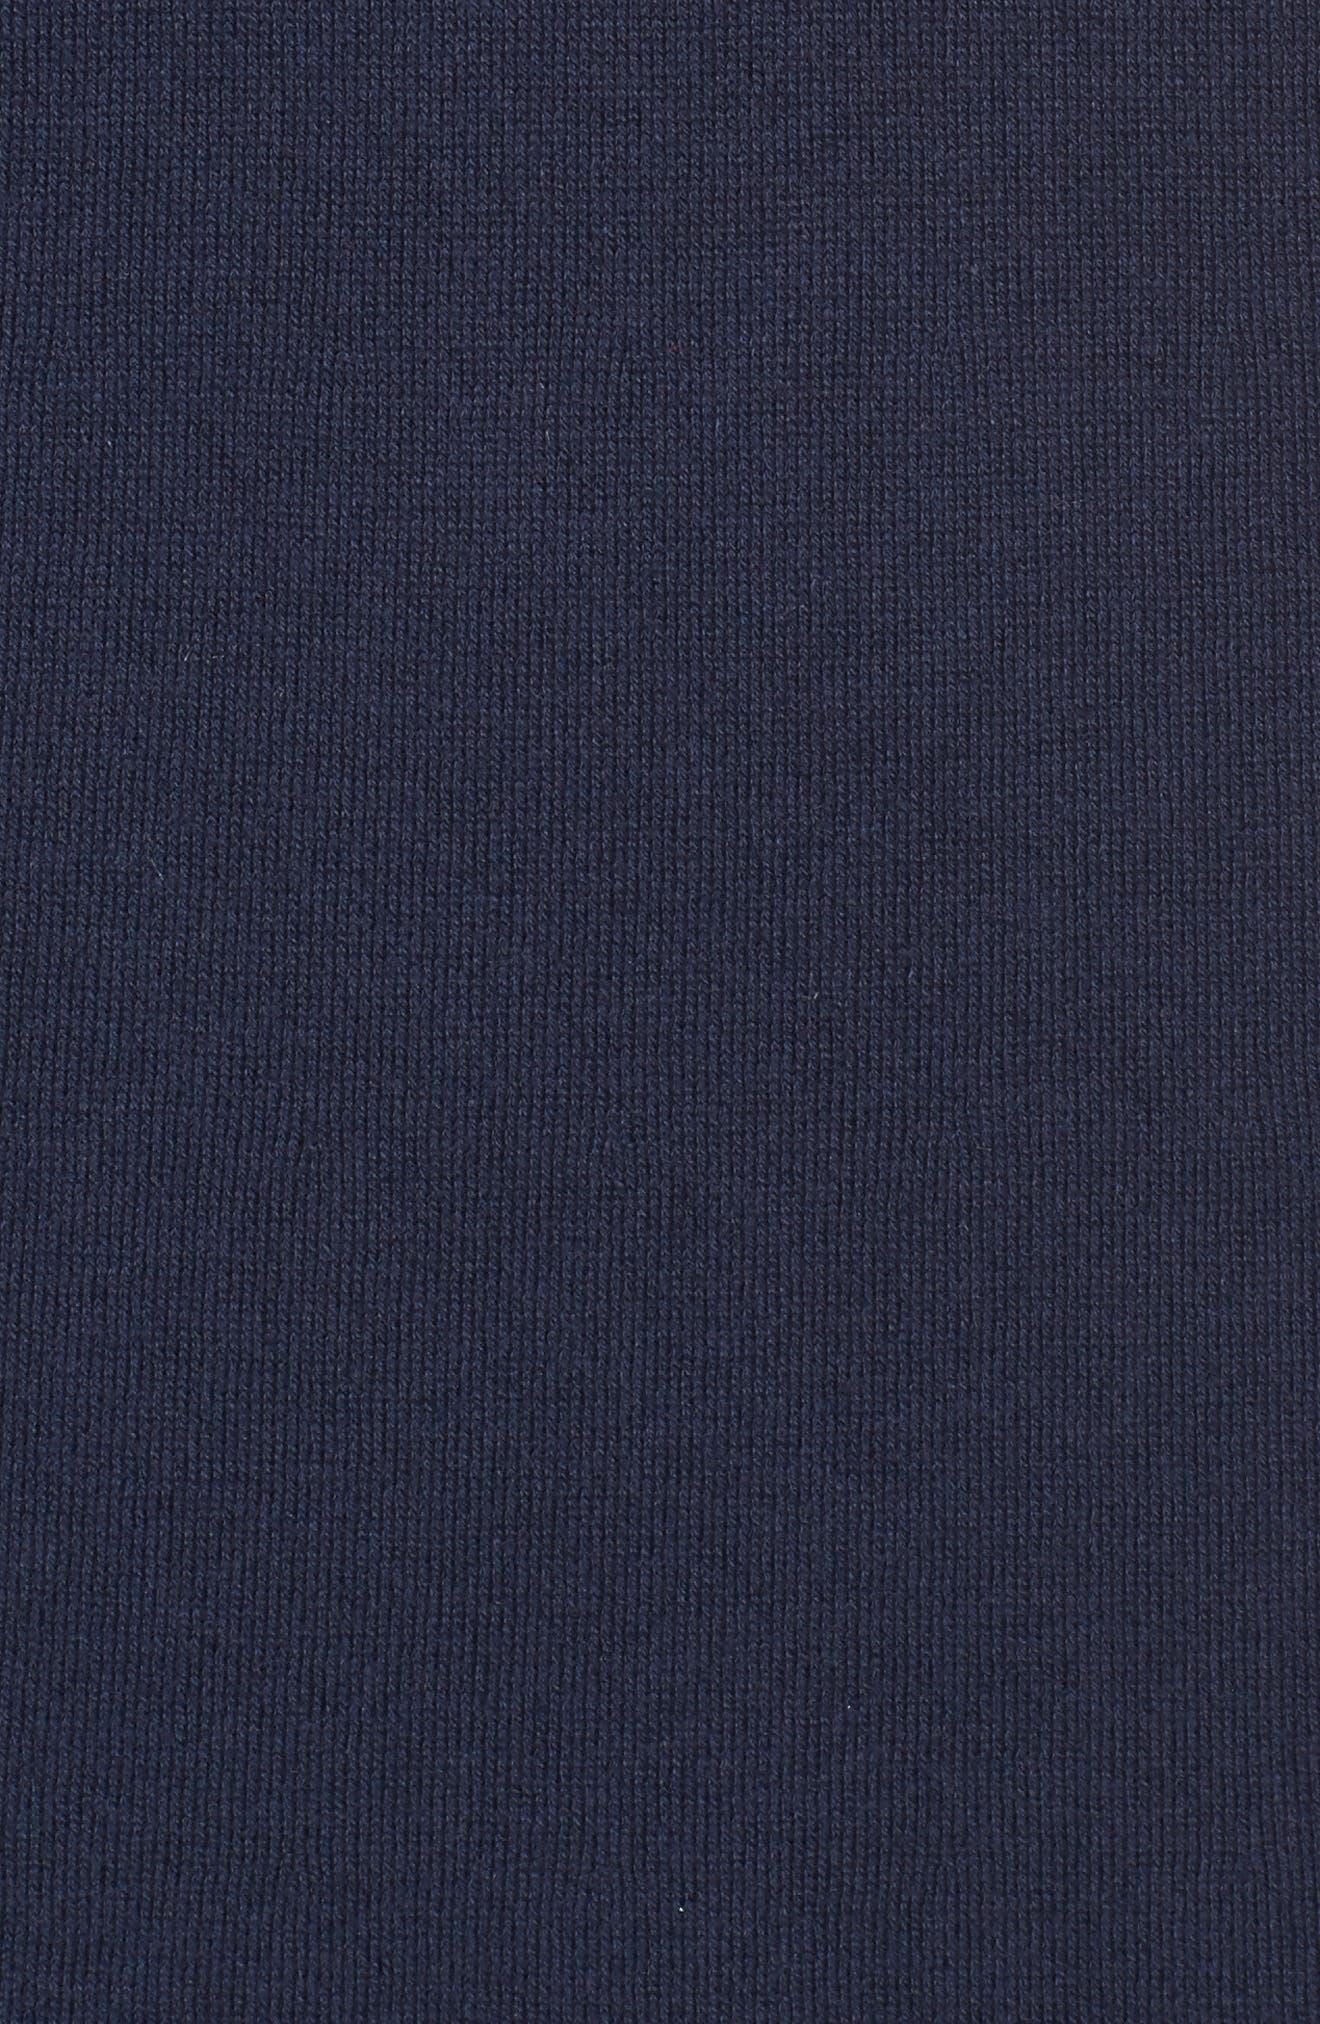 Faire Cold Shoulder Dress,                             Alternate thumbnail 5, color,                             408